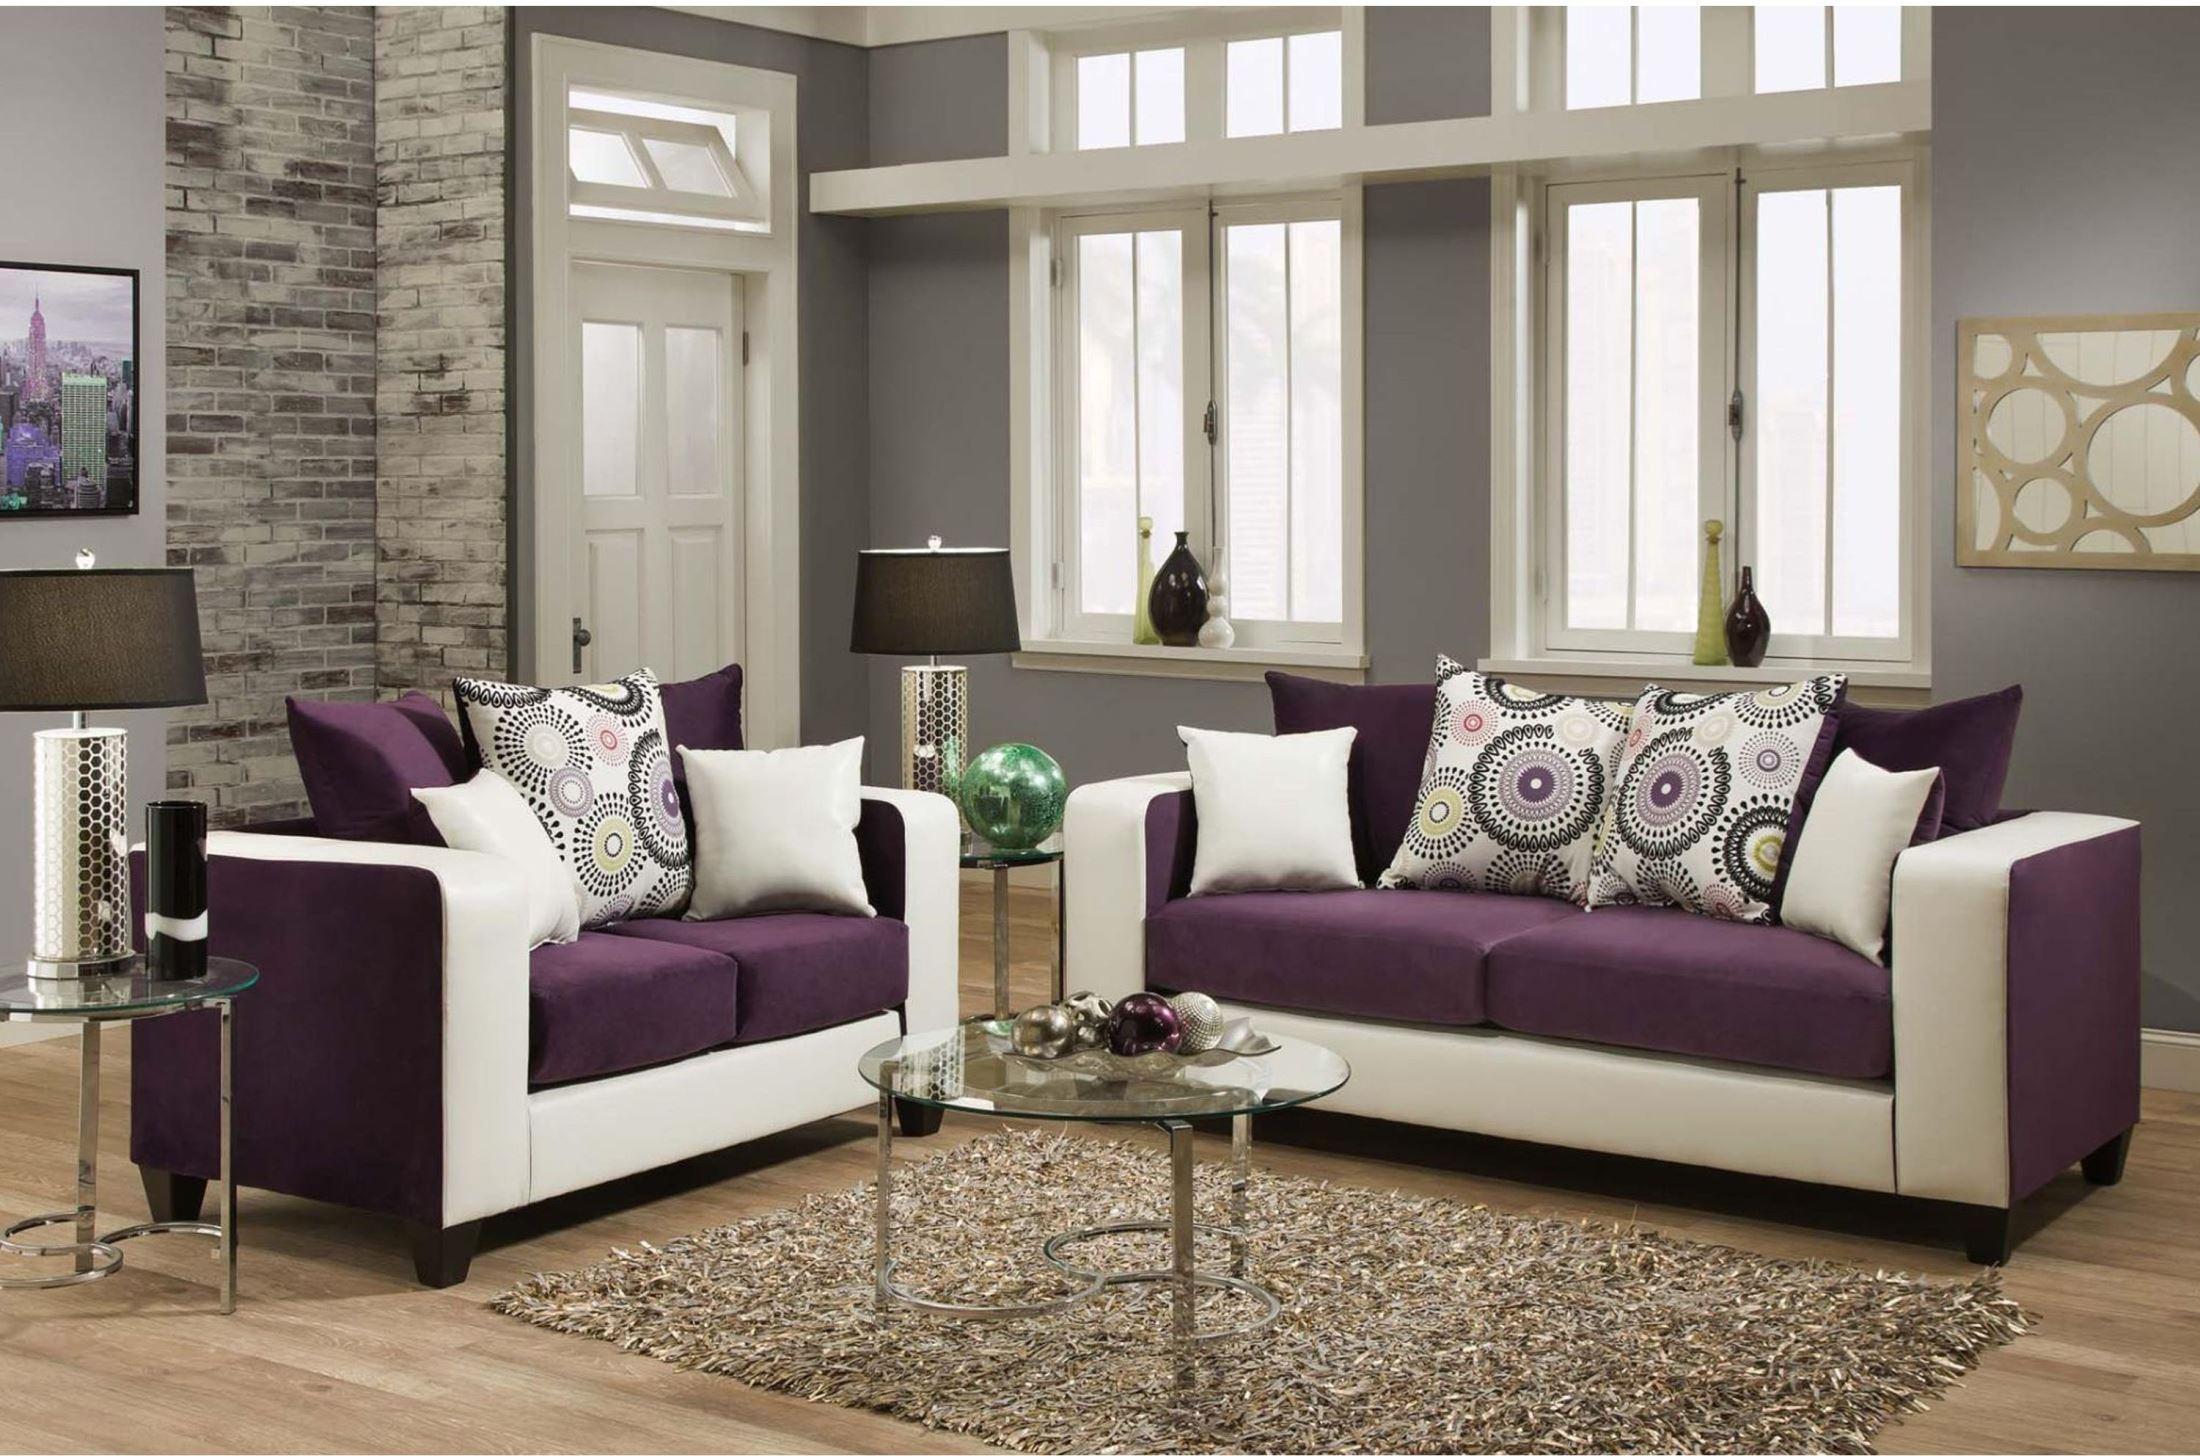 Riverstone Implosion Purple Velvet Living Room Set from